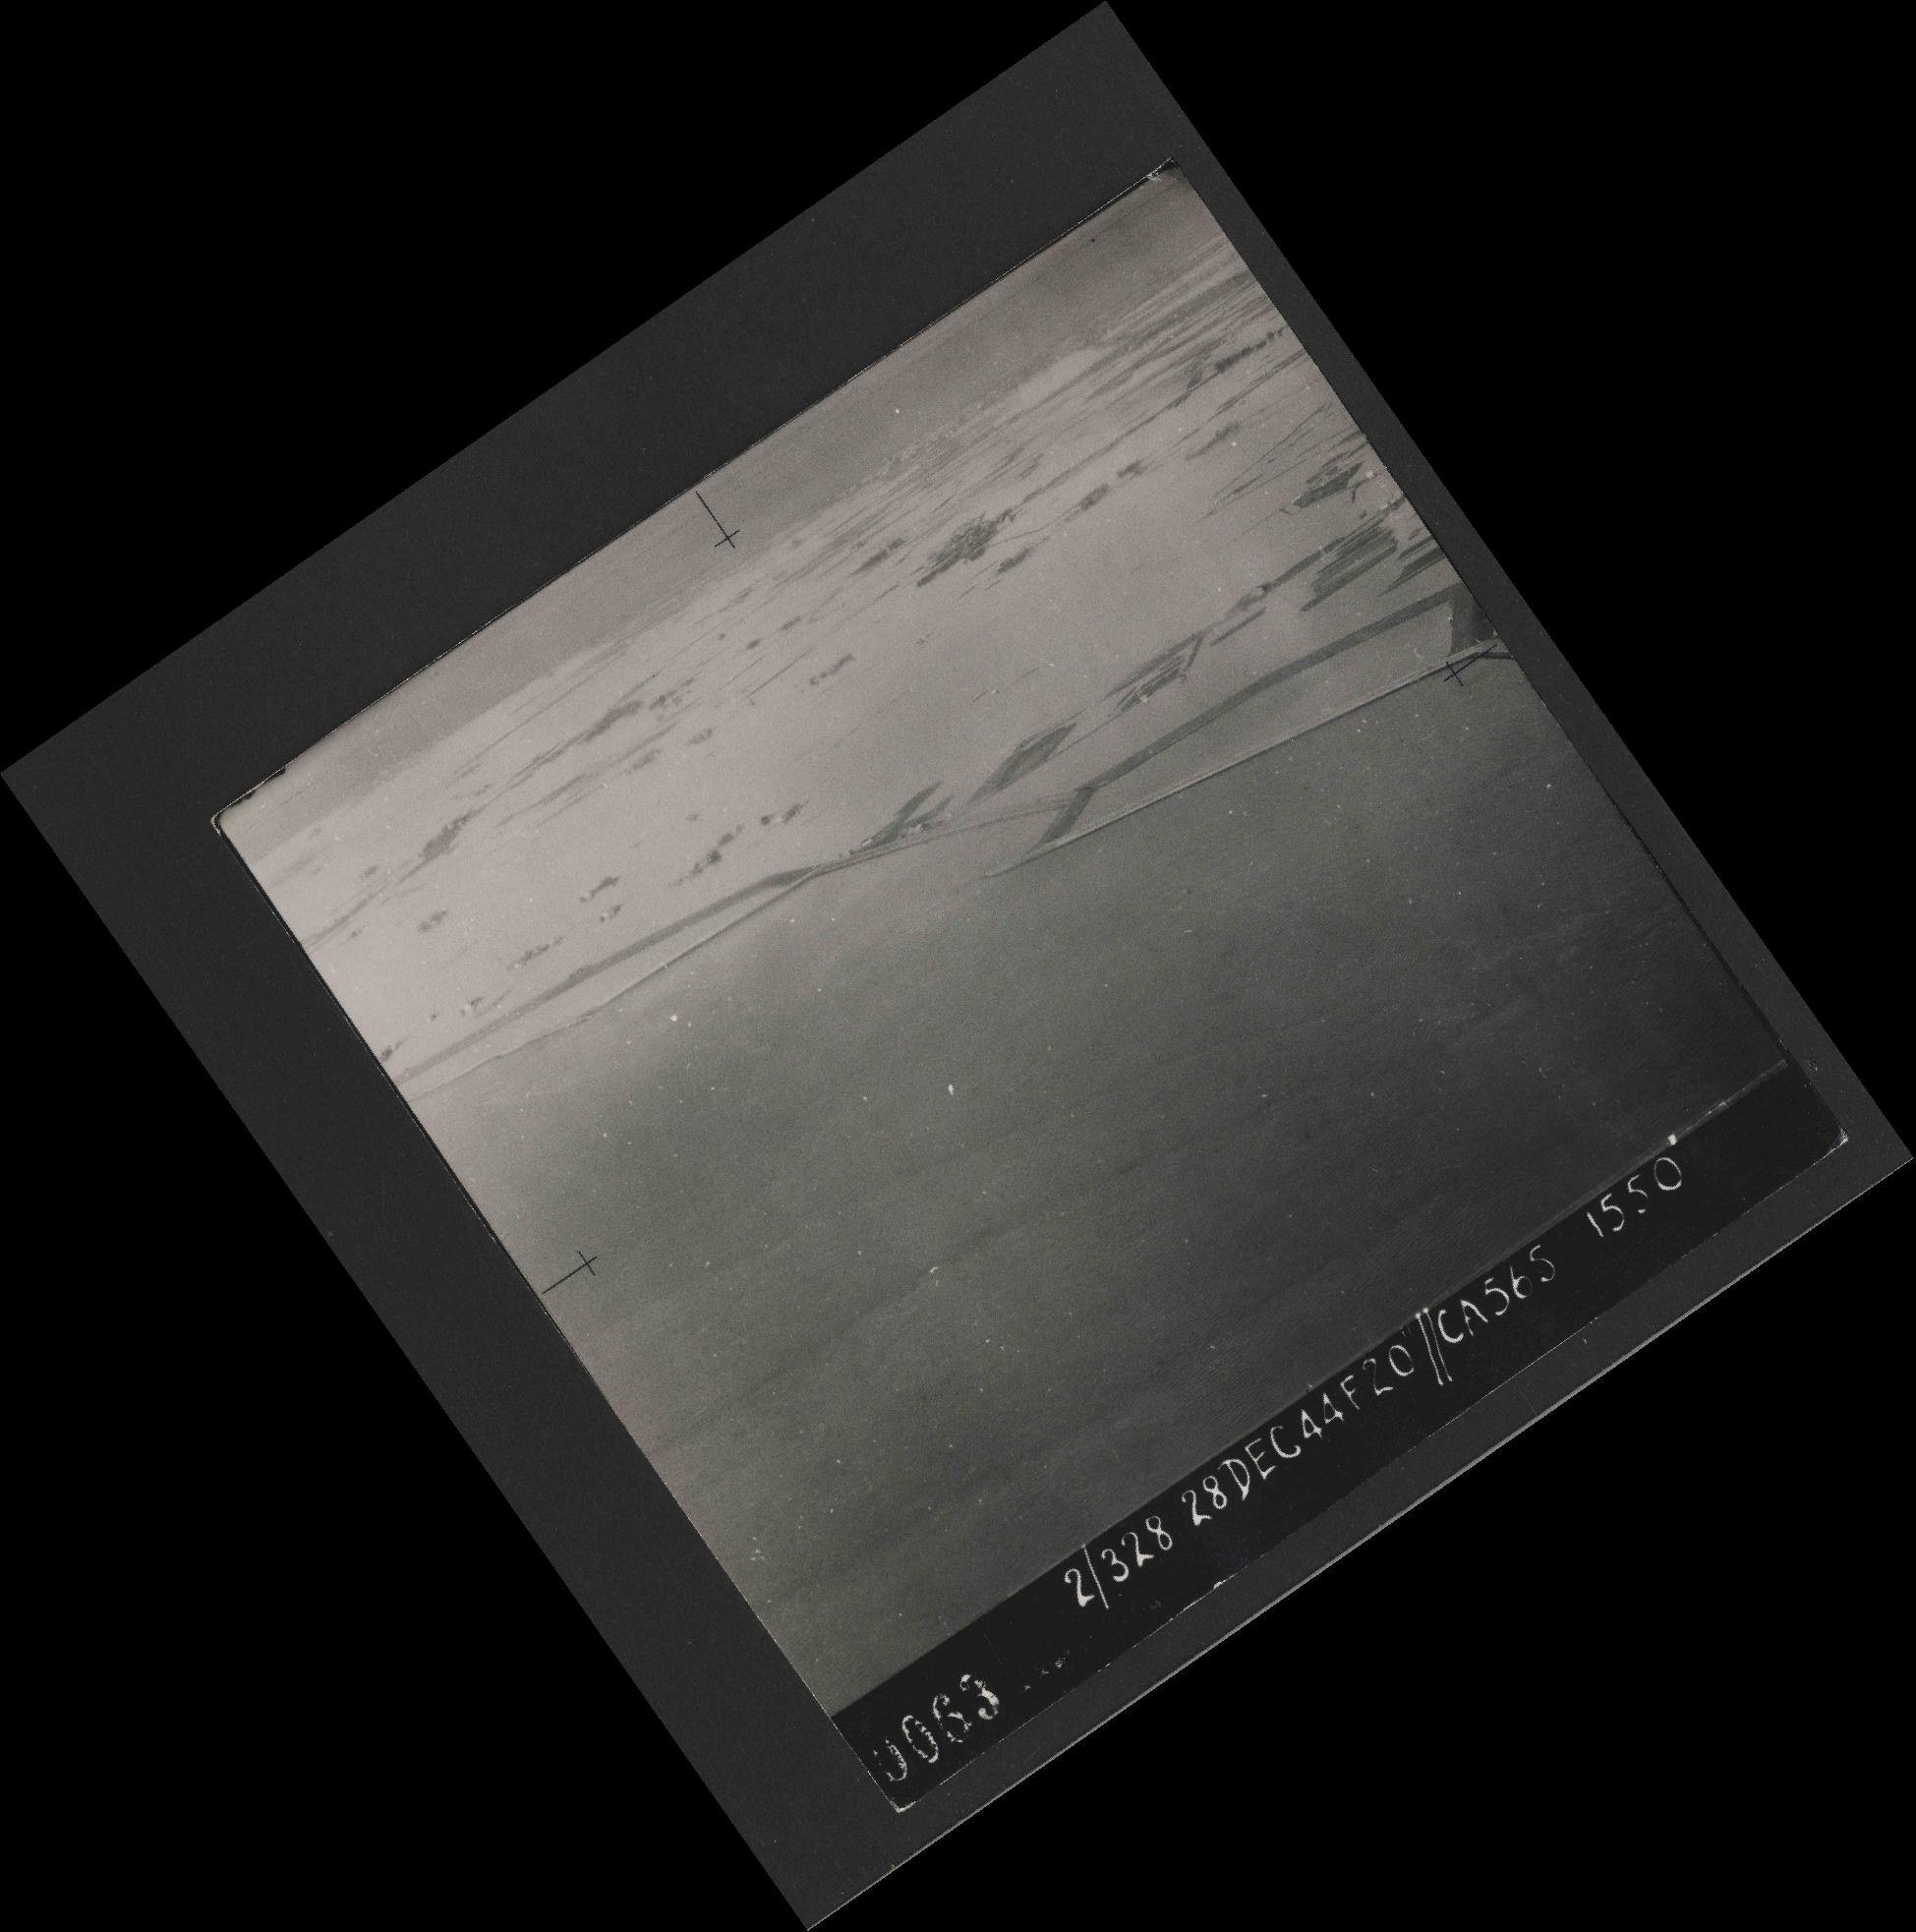 Collection RAF aerial photos 1940-1945 - flight 556, run 01, photo 0063